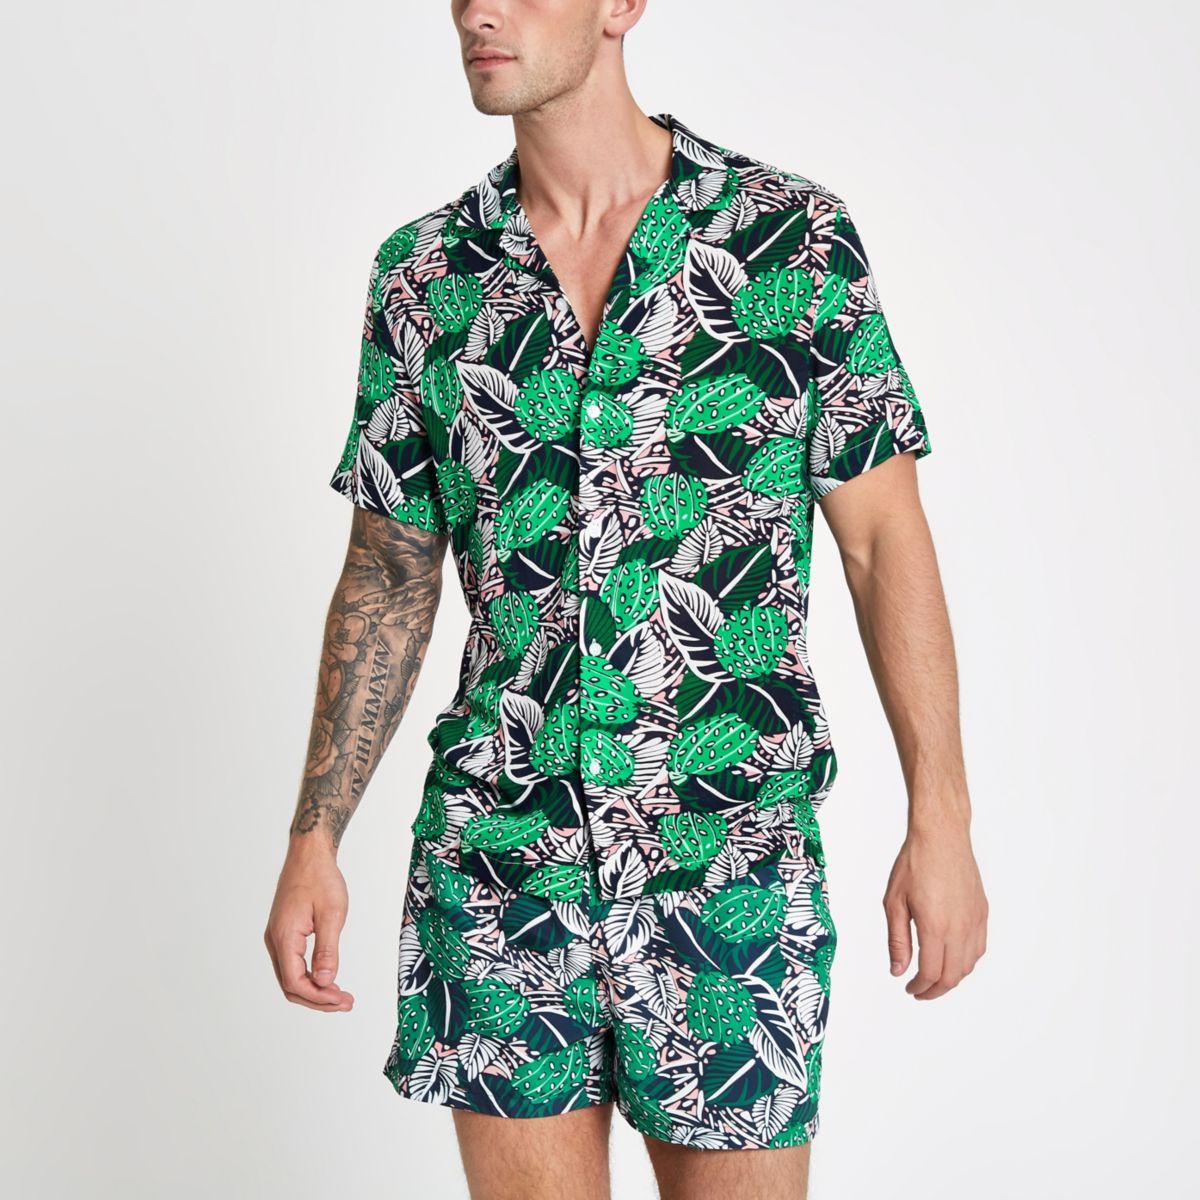 Groen overhemd met tropische print, korte mouwen en reverskraag